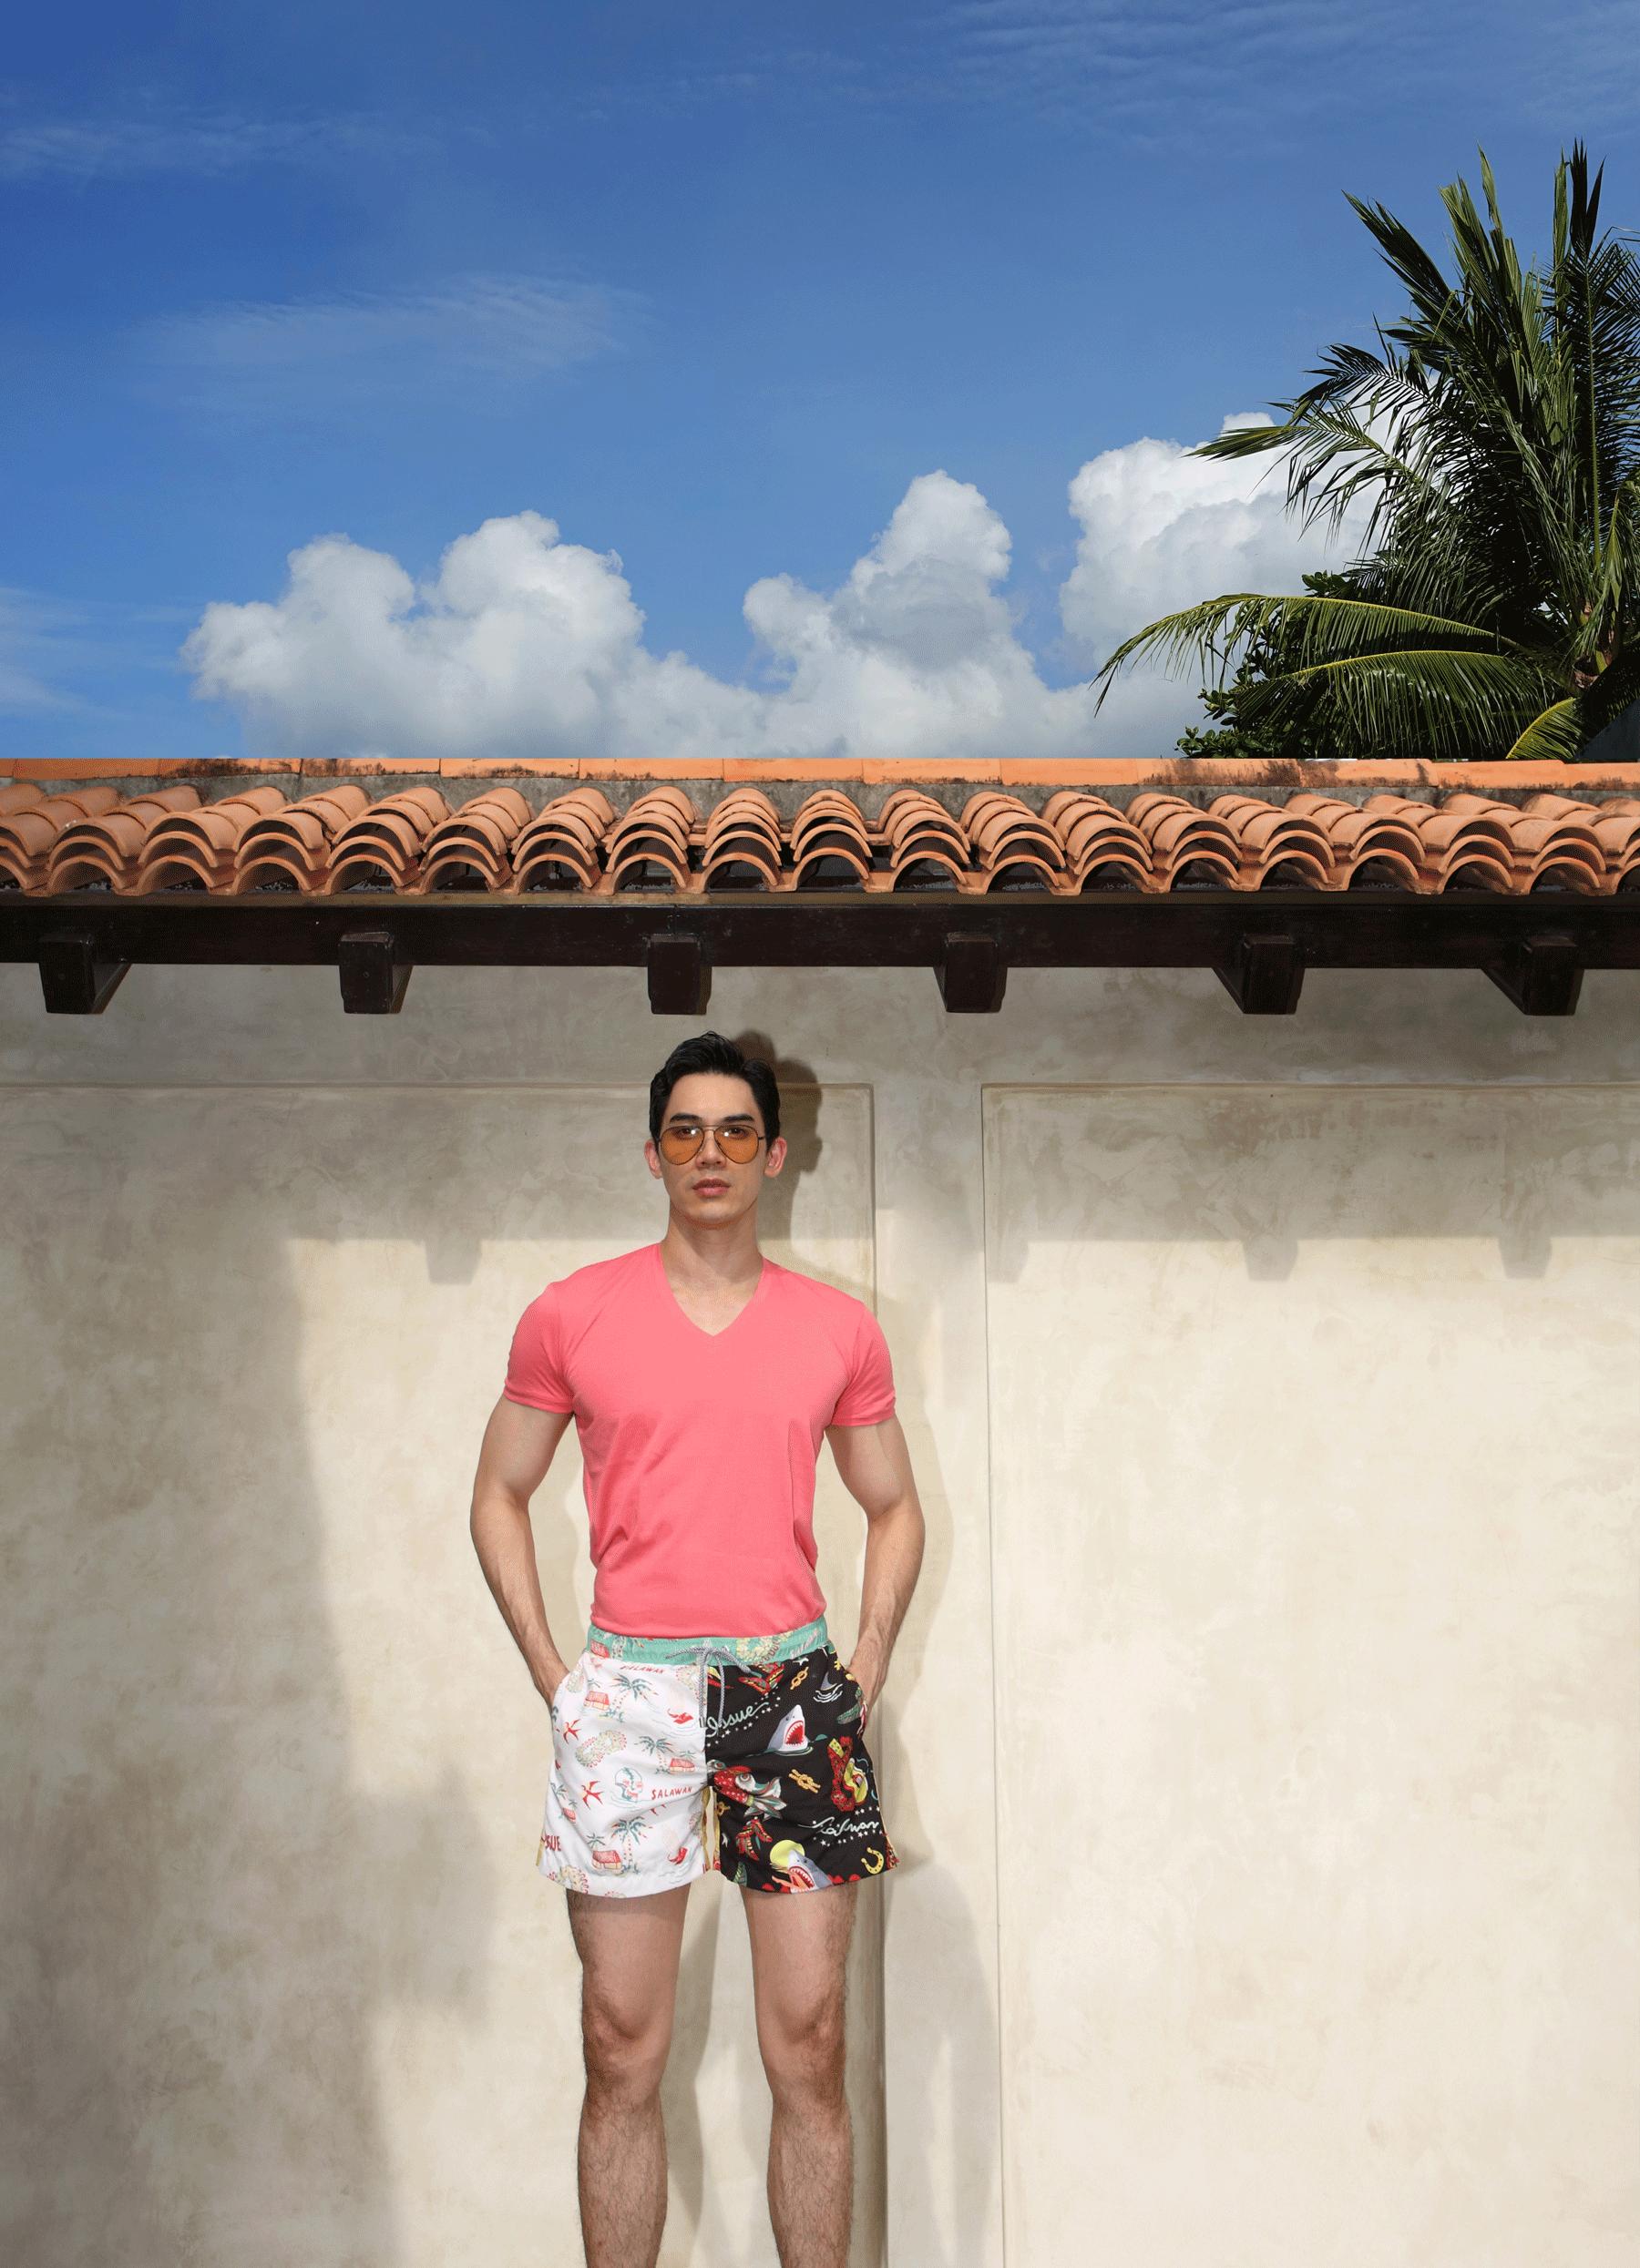 Tshirt : NOXX / shorts : SALAWAN